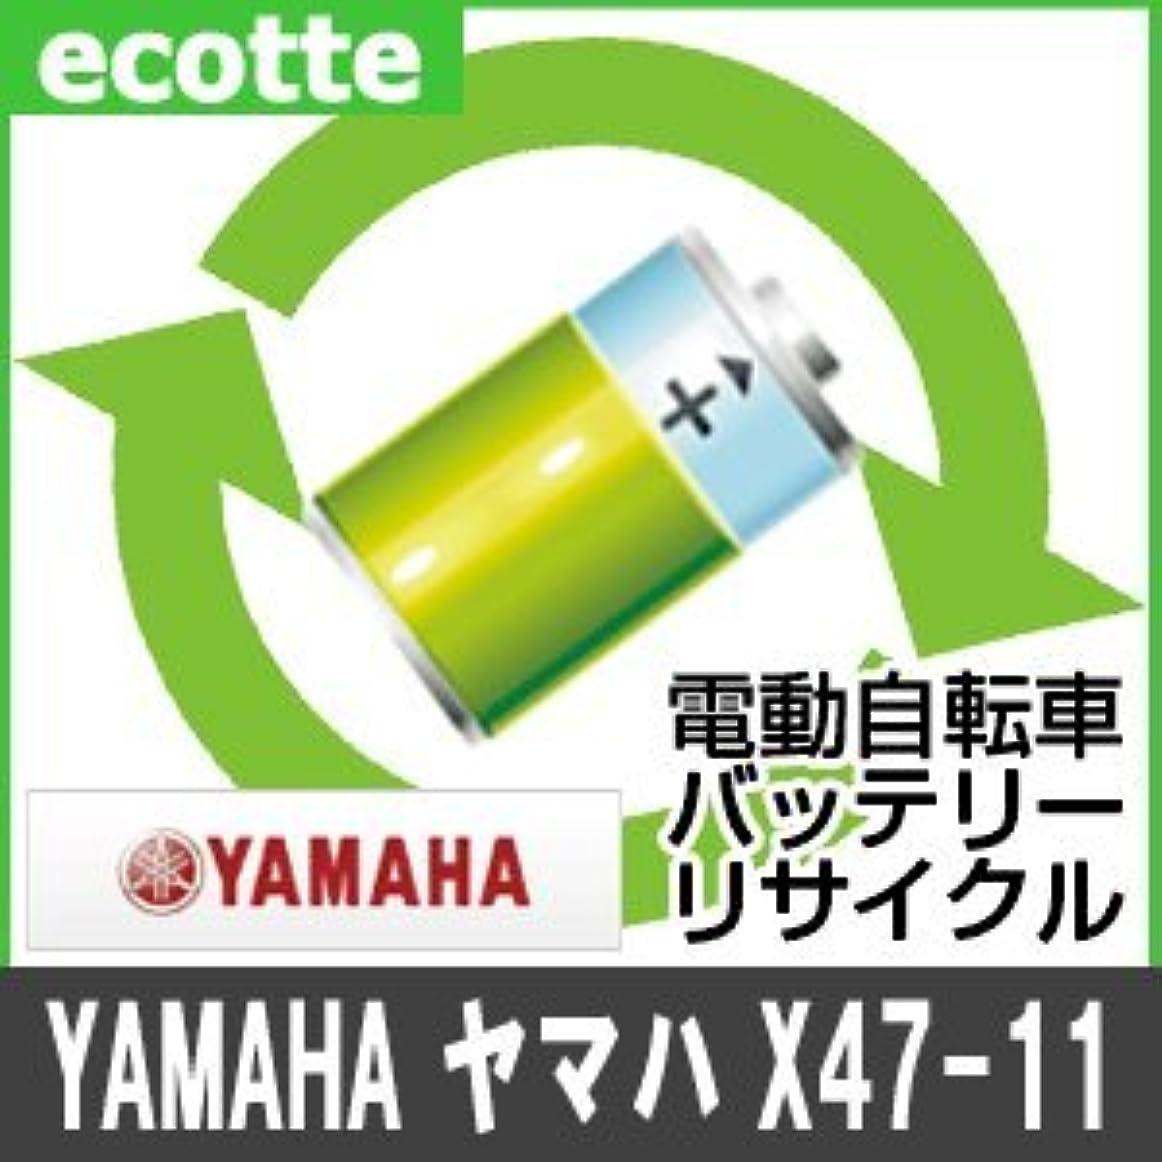 不可能なメーター主張する【お預かりして再生】 X47-11 YAMAHA ヤマハ 電動自転車 バッテリー リサイクル サービス Ni-MH